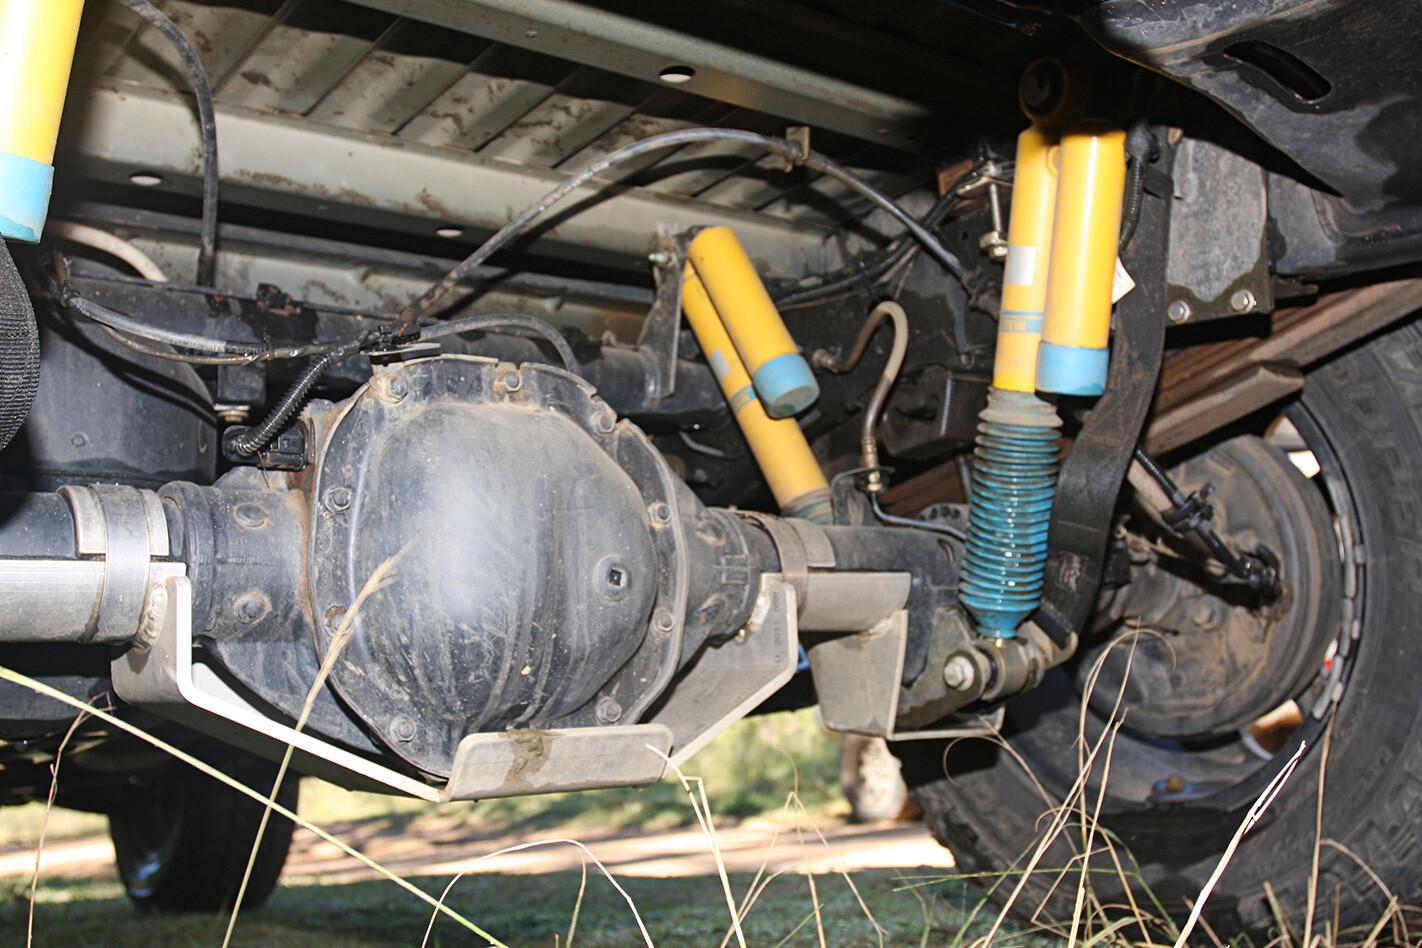 Wolf 4X4 Volkswagen Amarok underbody